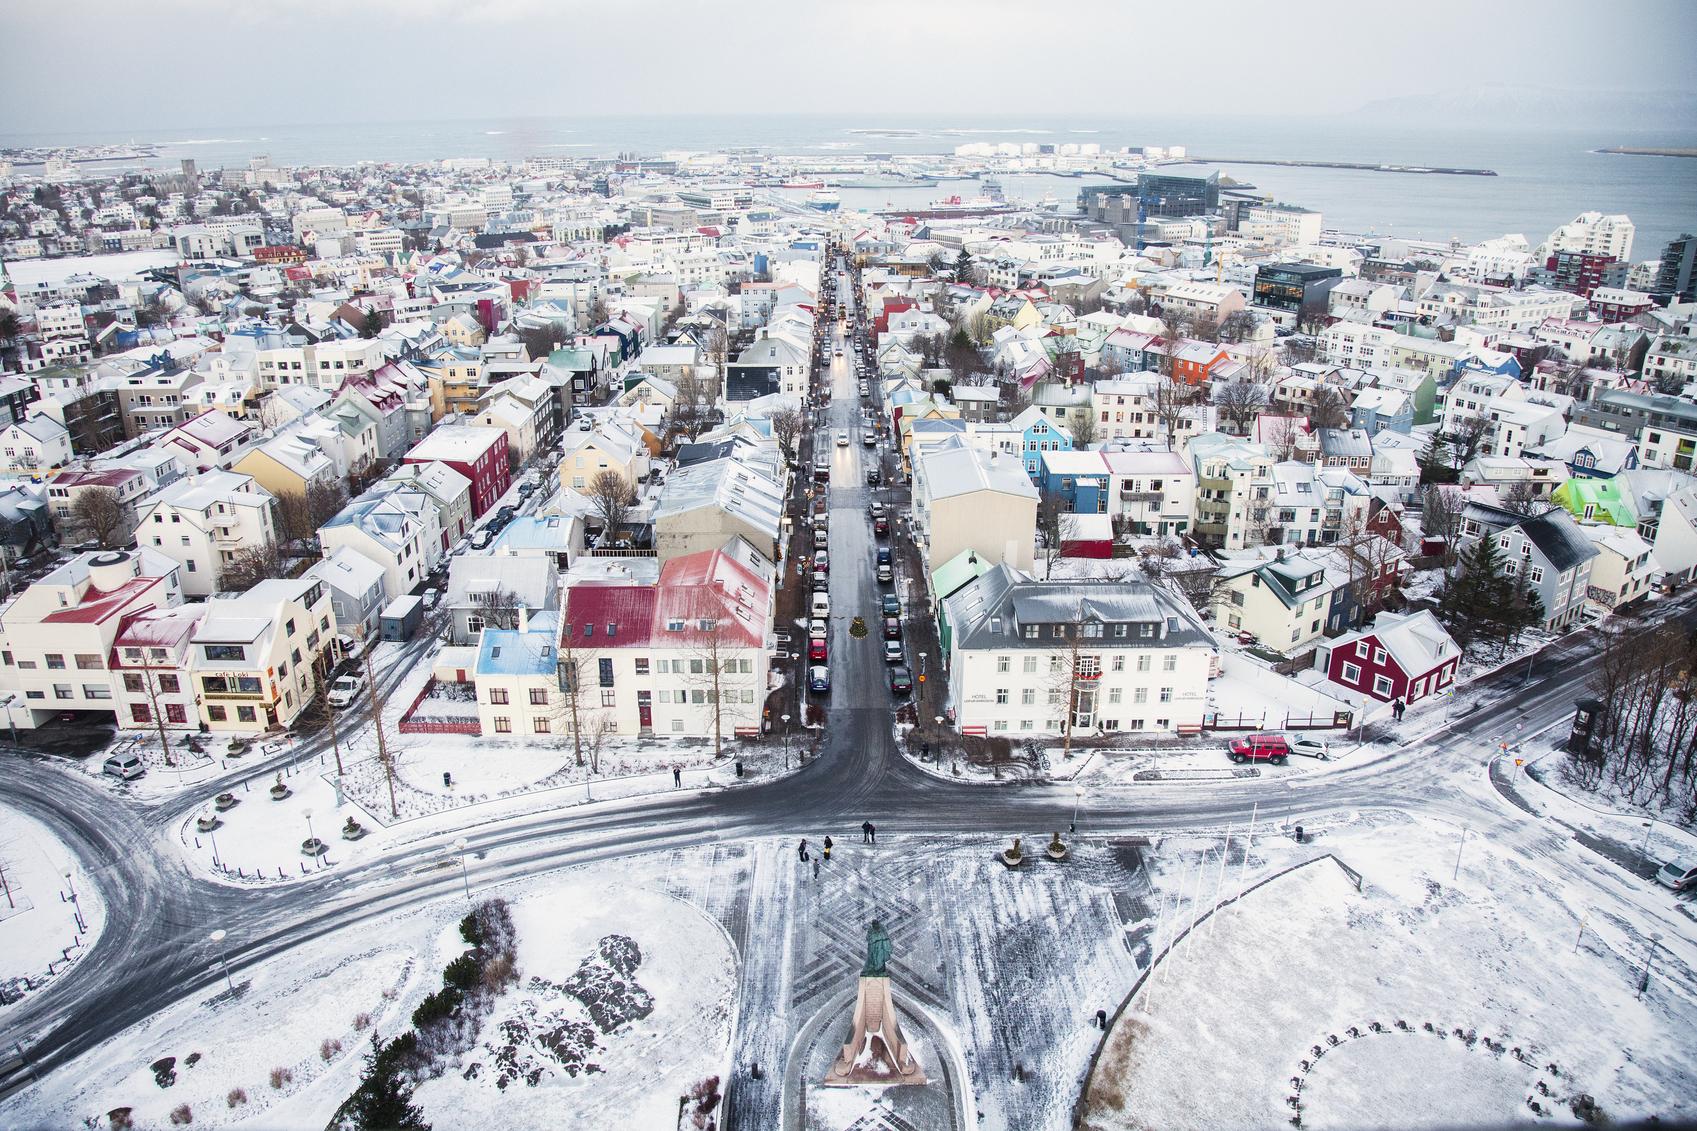 Een bijzondere skyline in Reykjavik. (foto istock)